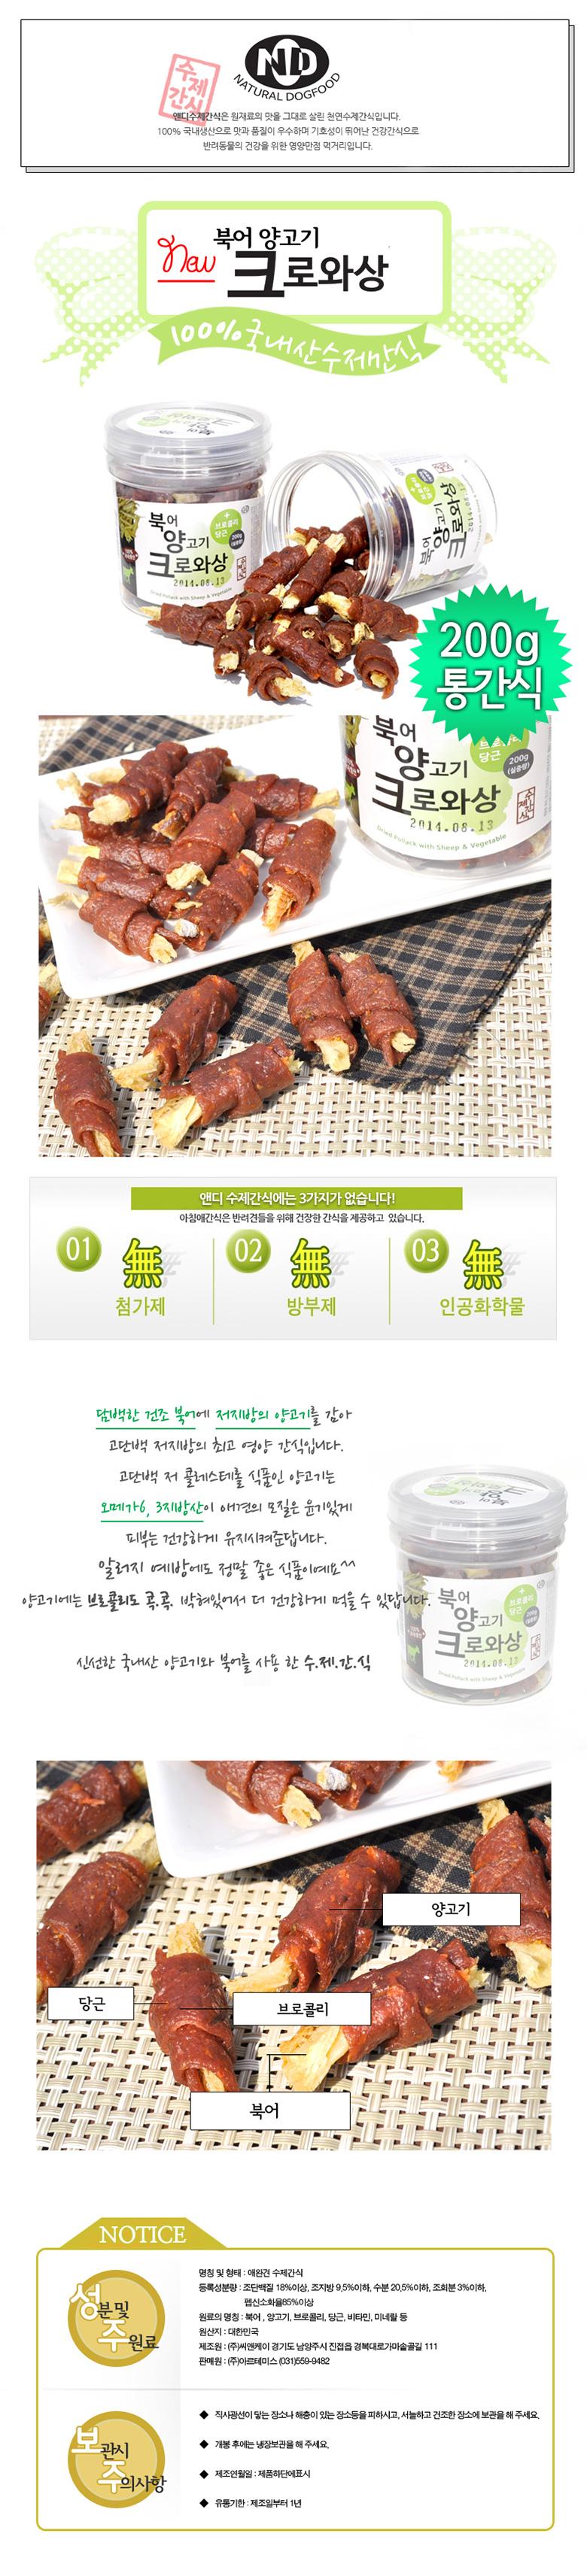 아침애 크로와상 북어와 양고기 200g - 아침애, 5,320원, 간식/영양제, 육포/사사미